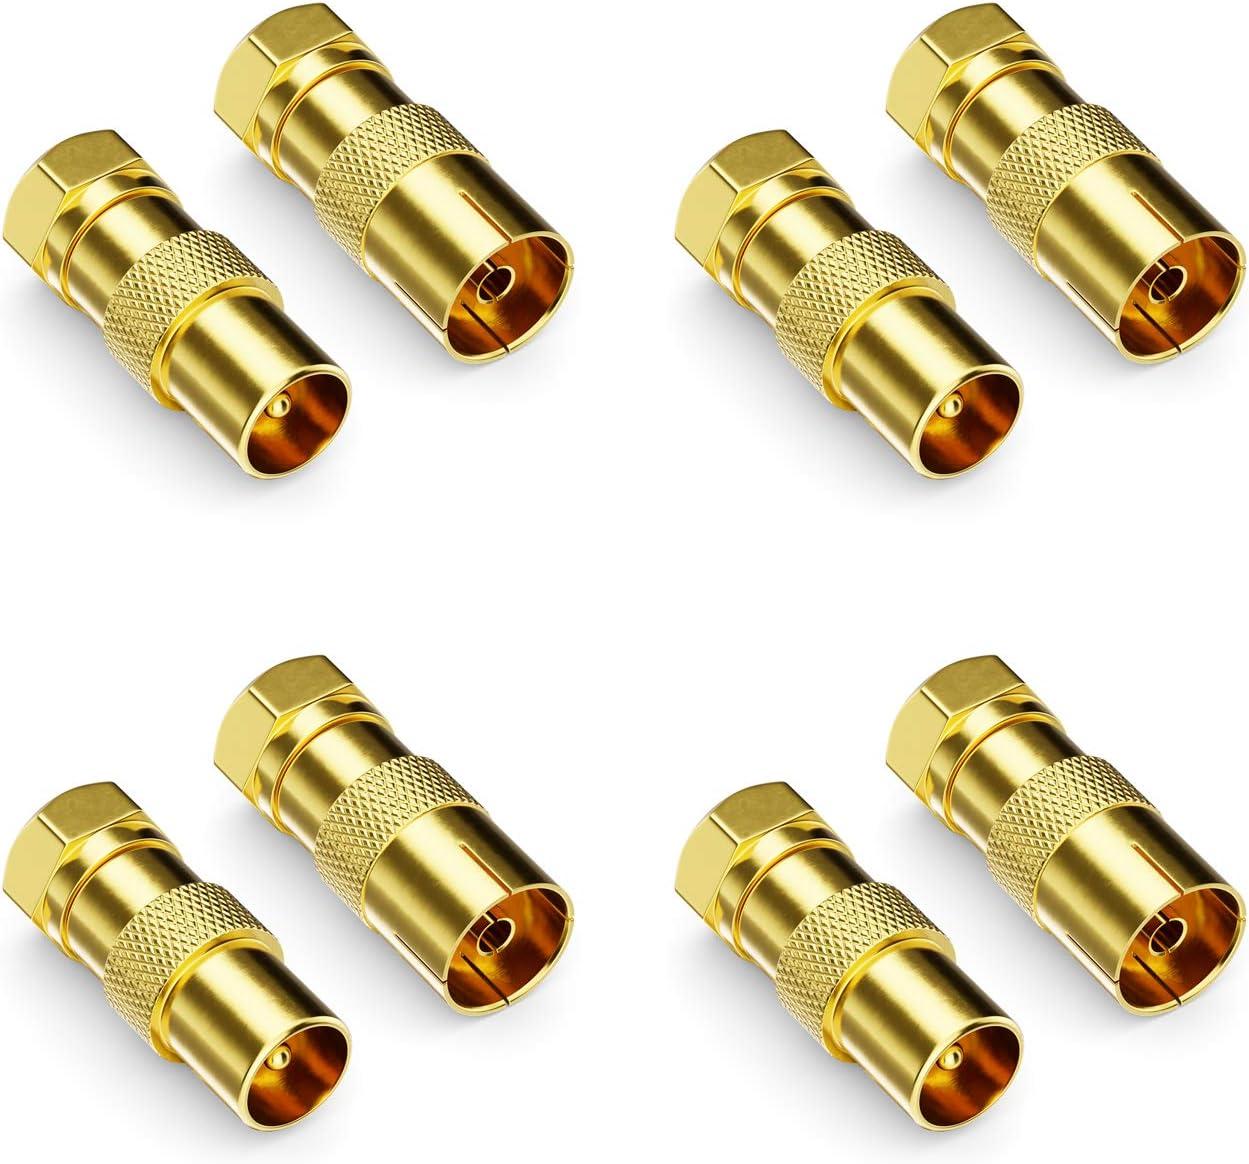 deleyCON Juego de 8 Adaptadores para Cable Satélite - Conector F a 4X Conector de Antena & 4X Toma de Antena Coaxial Antena Conector Acoplamiento para ...